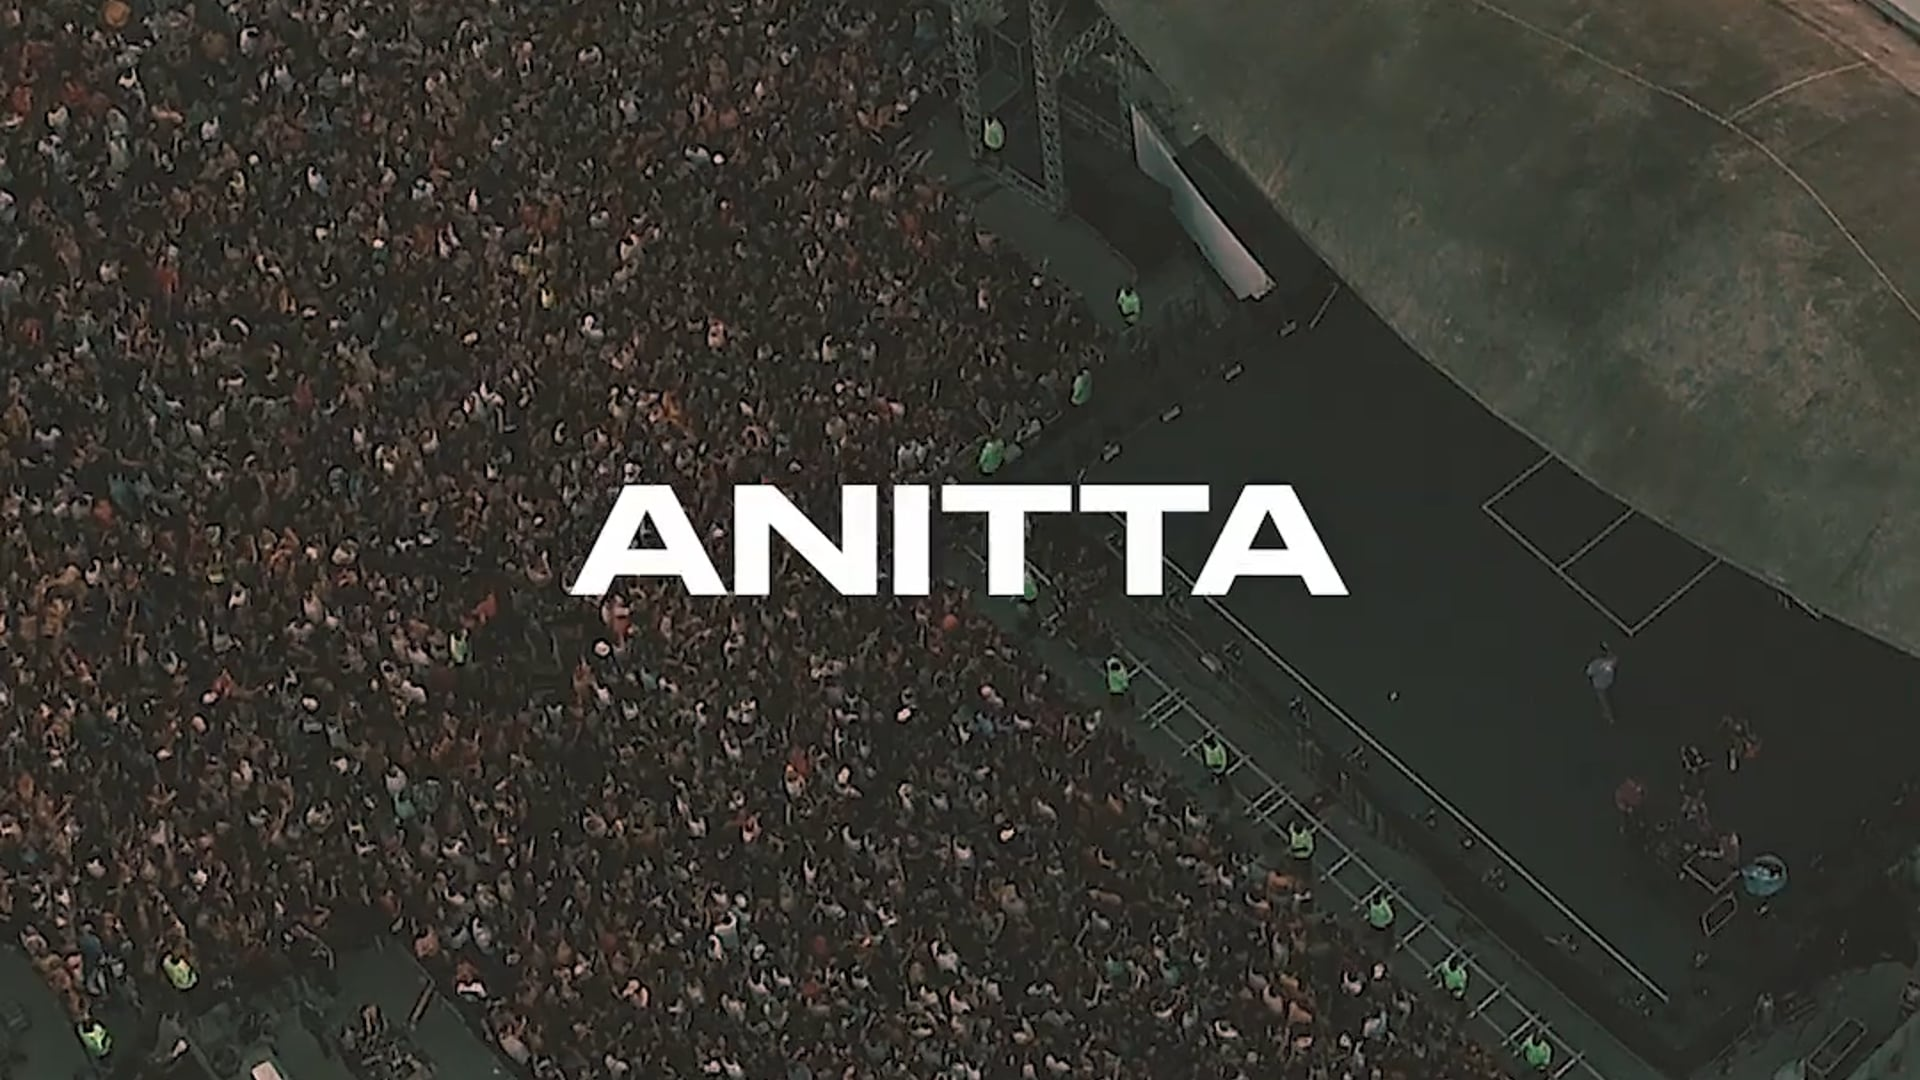 Anitta - Made In Honorio